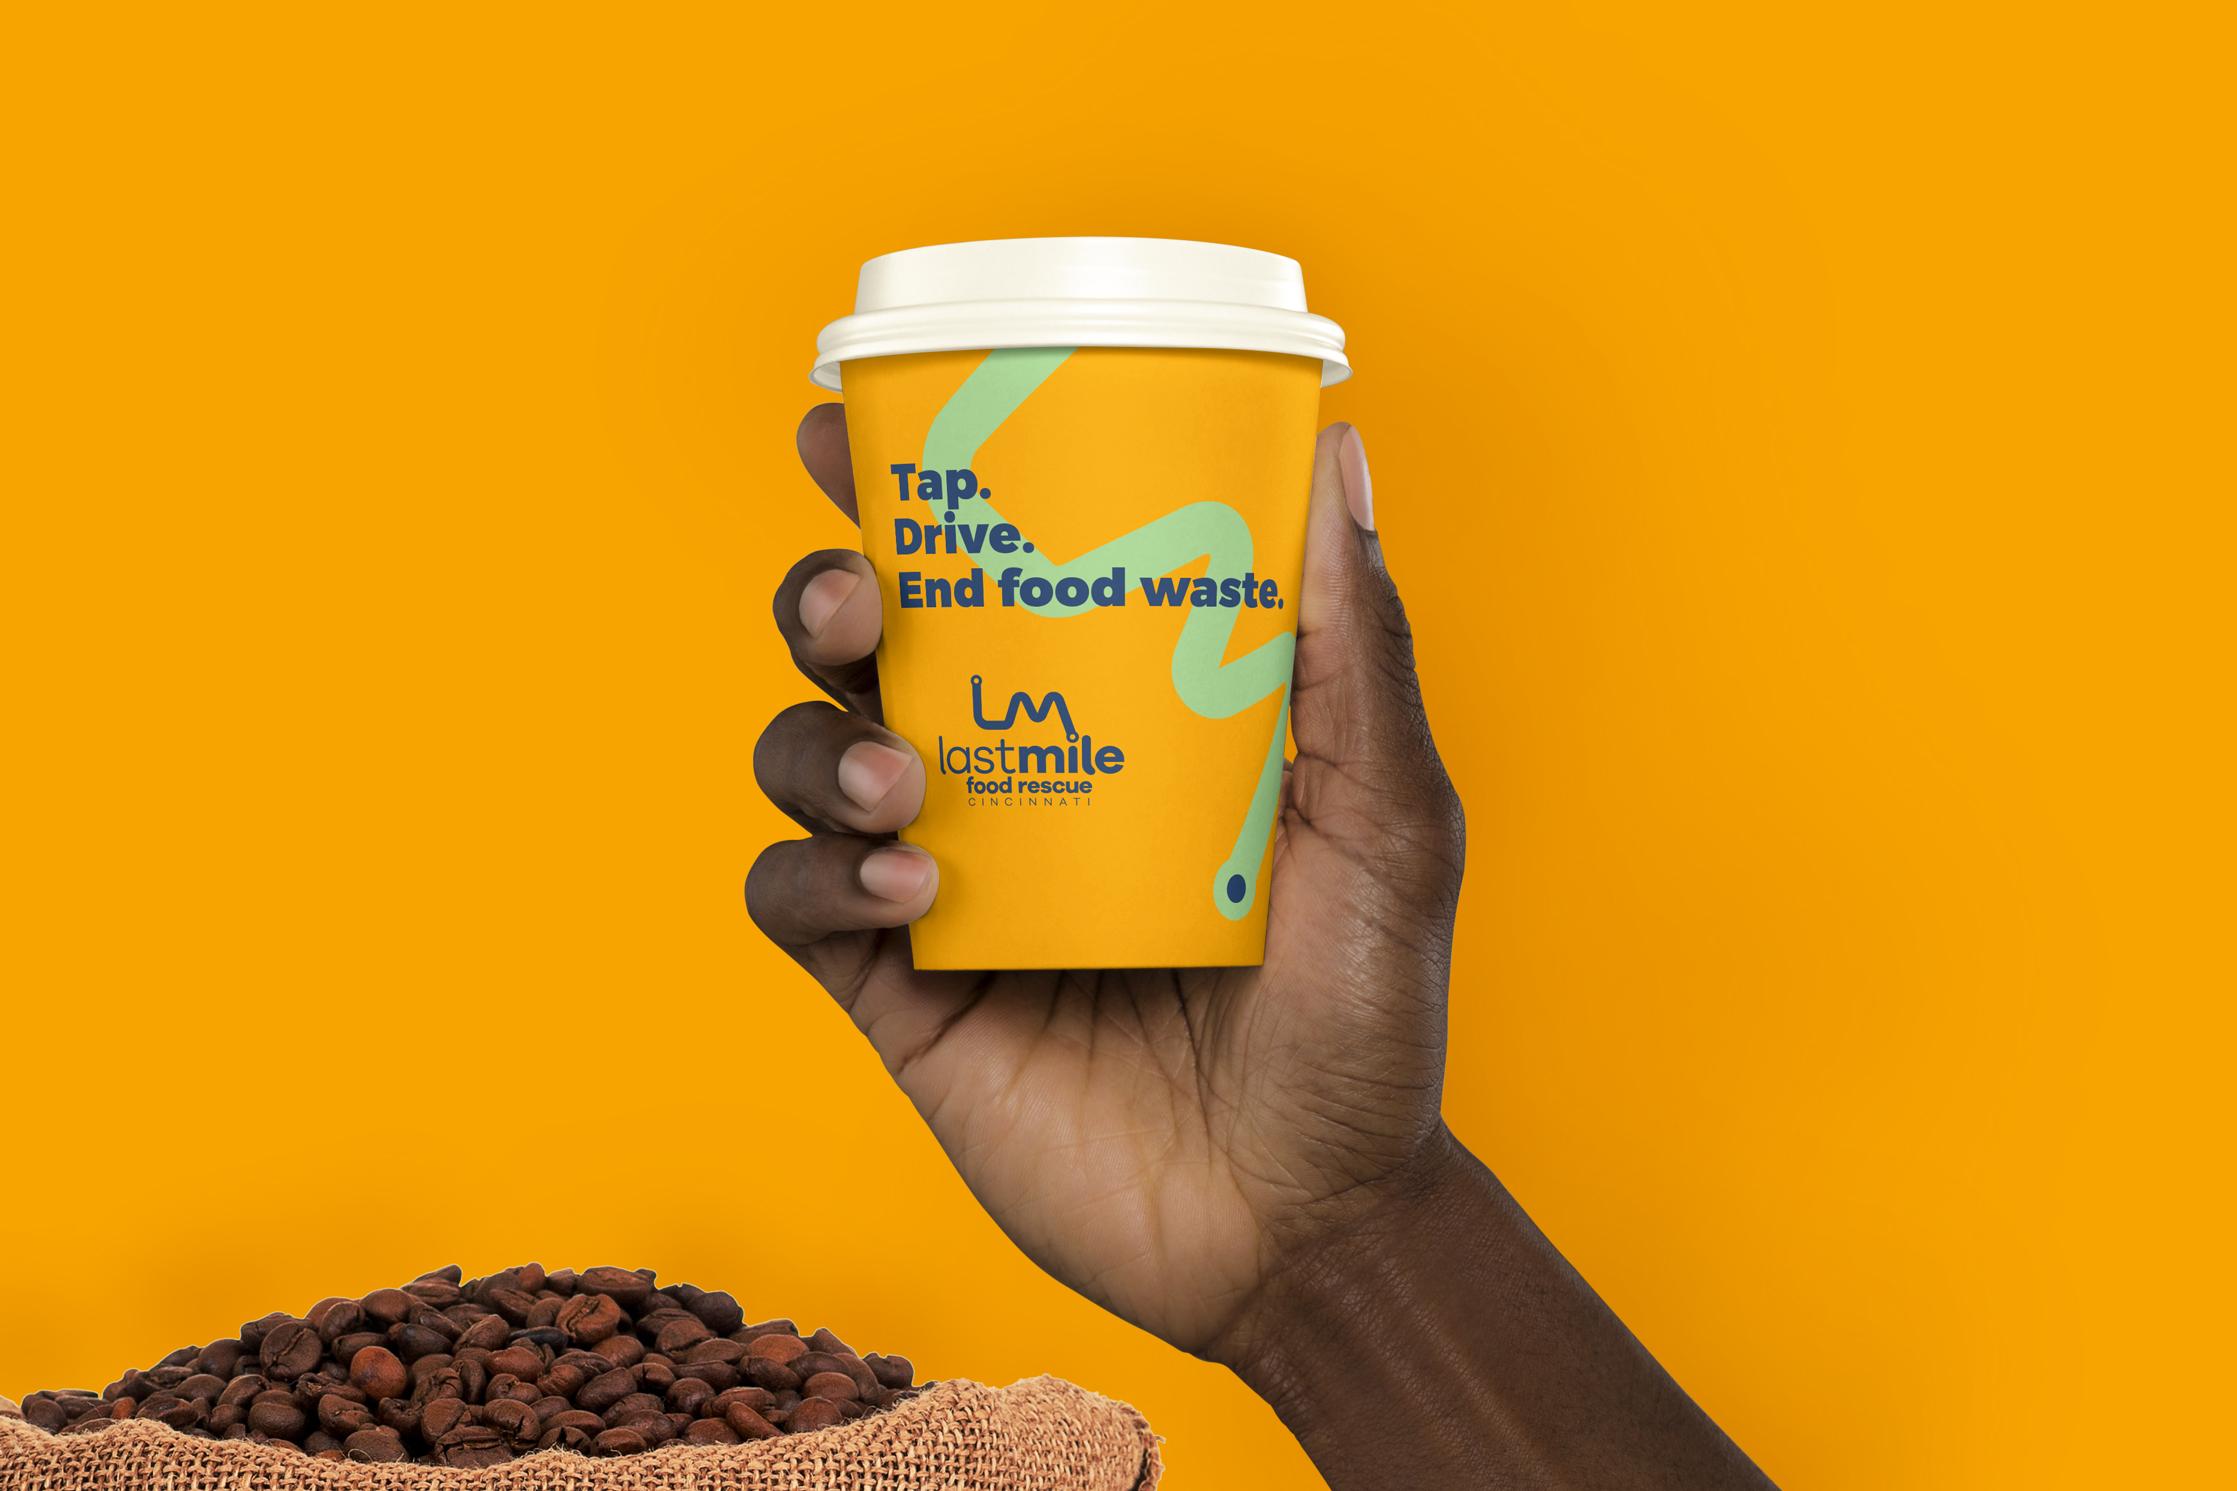 lastmile_cup_coffee